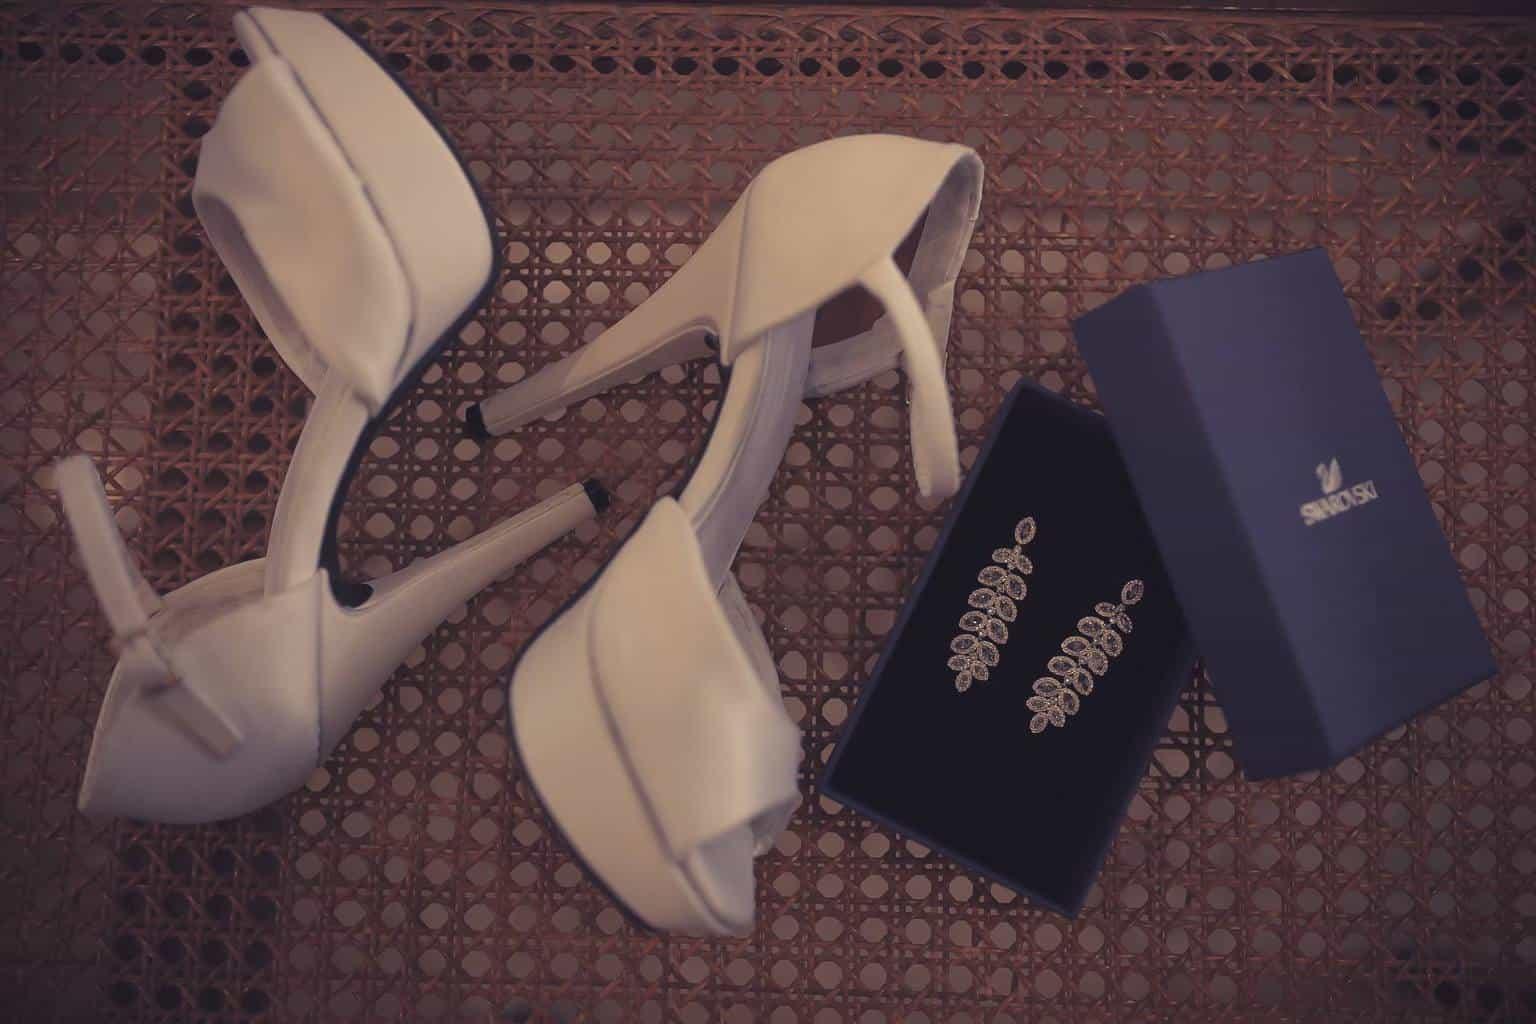 casamento-ariane-e-antonio-carlos-caseme-foto-silvia-penati-08